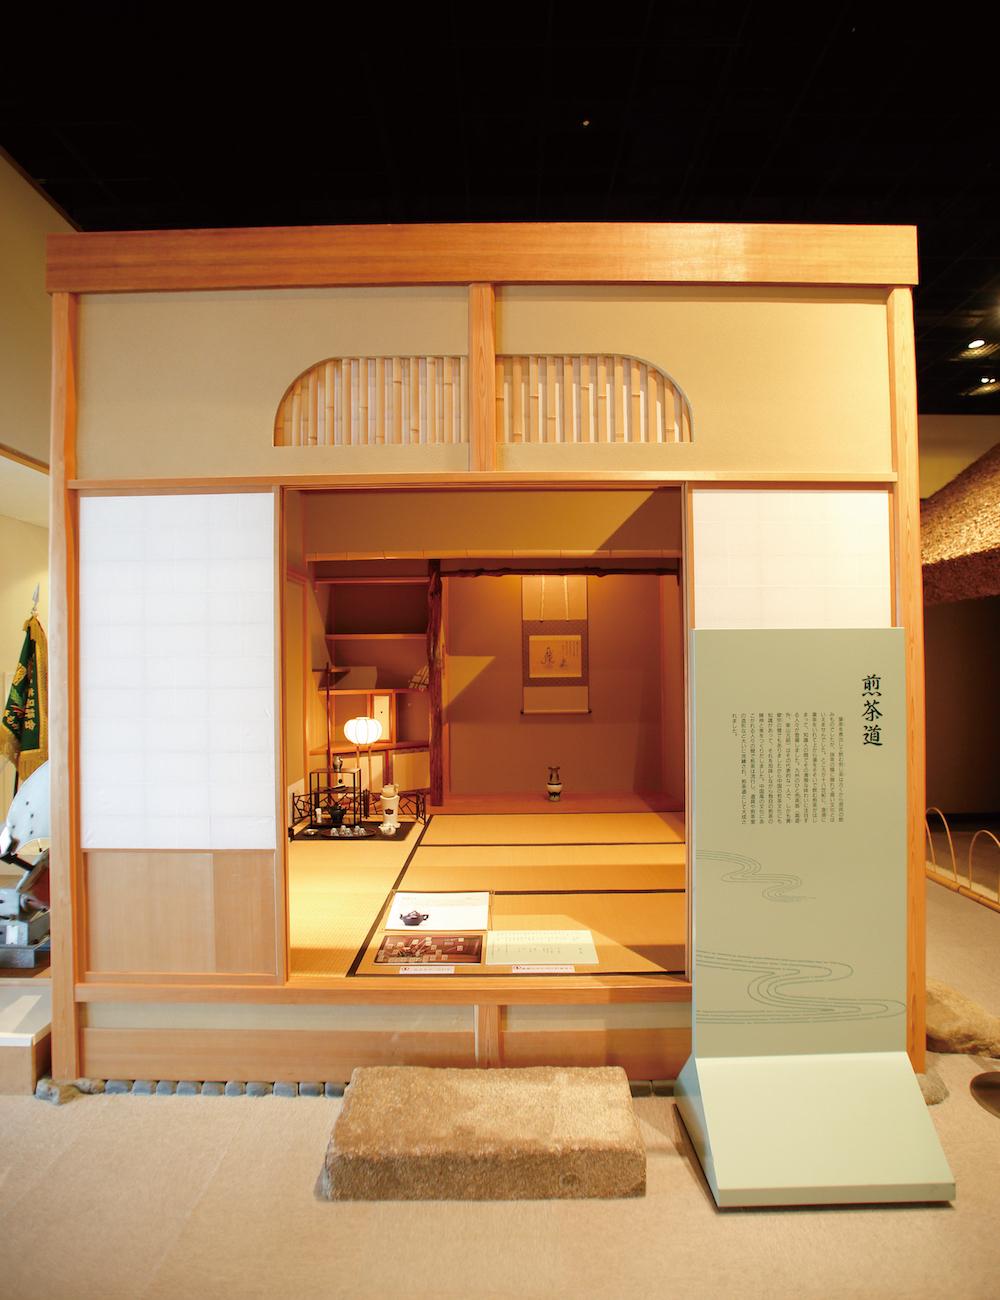 煎茶室的設計和製作煎茶時用到的道具皆陳列其中, 展示煎茶道文化的歷史沿革。